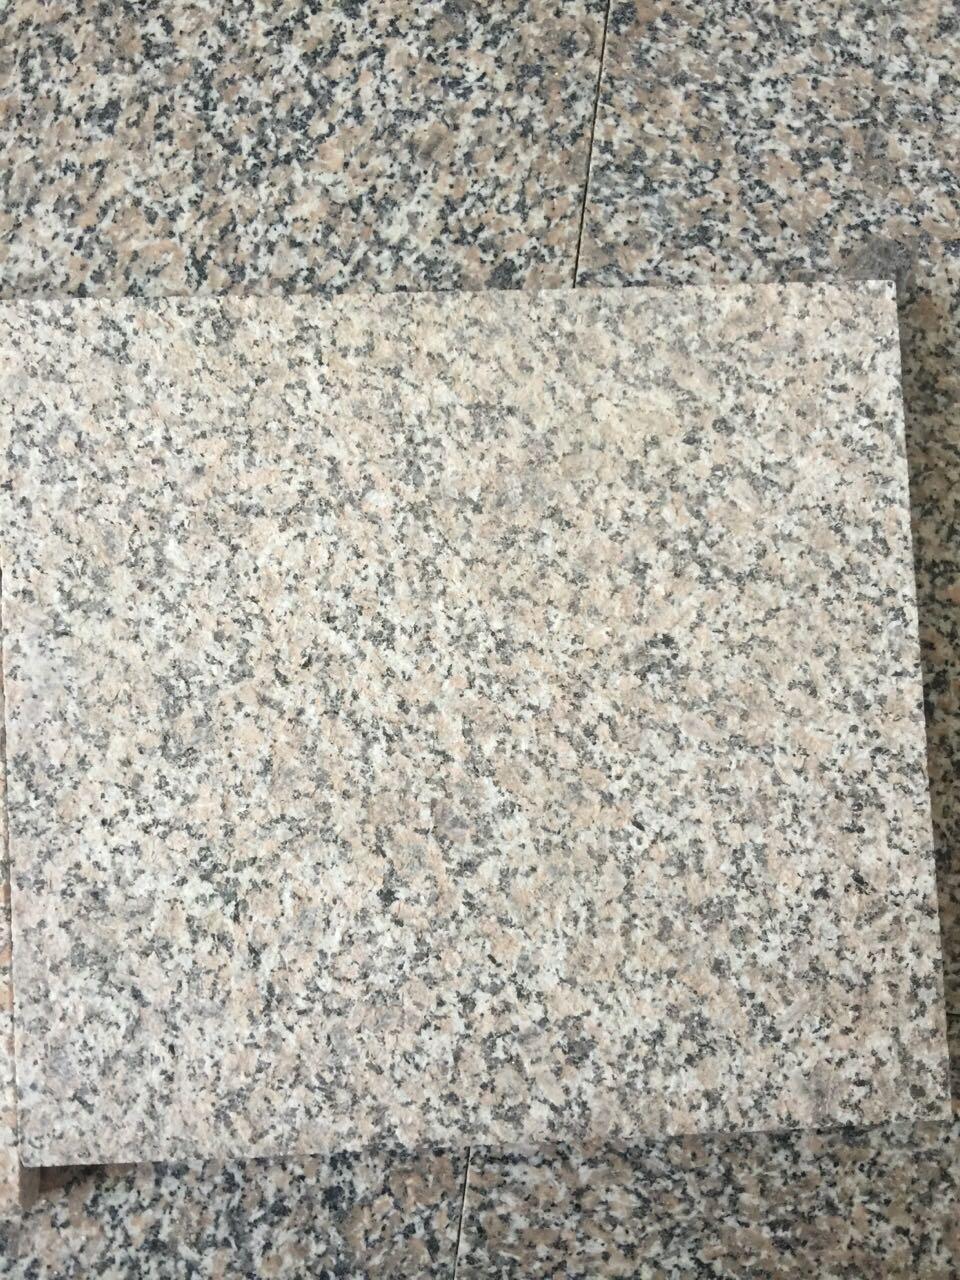 花岗岩石材 火烧板 五莲花红黑白灰路沿缘边侧平石广场拉丝盲道板